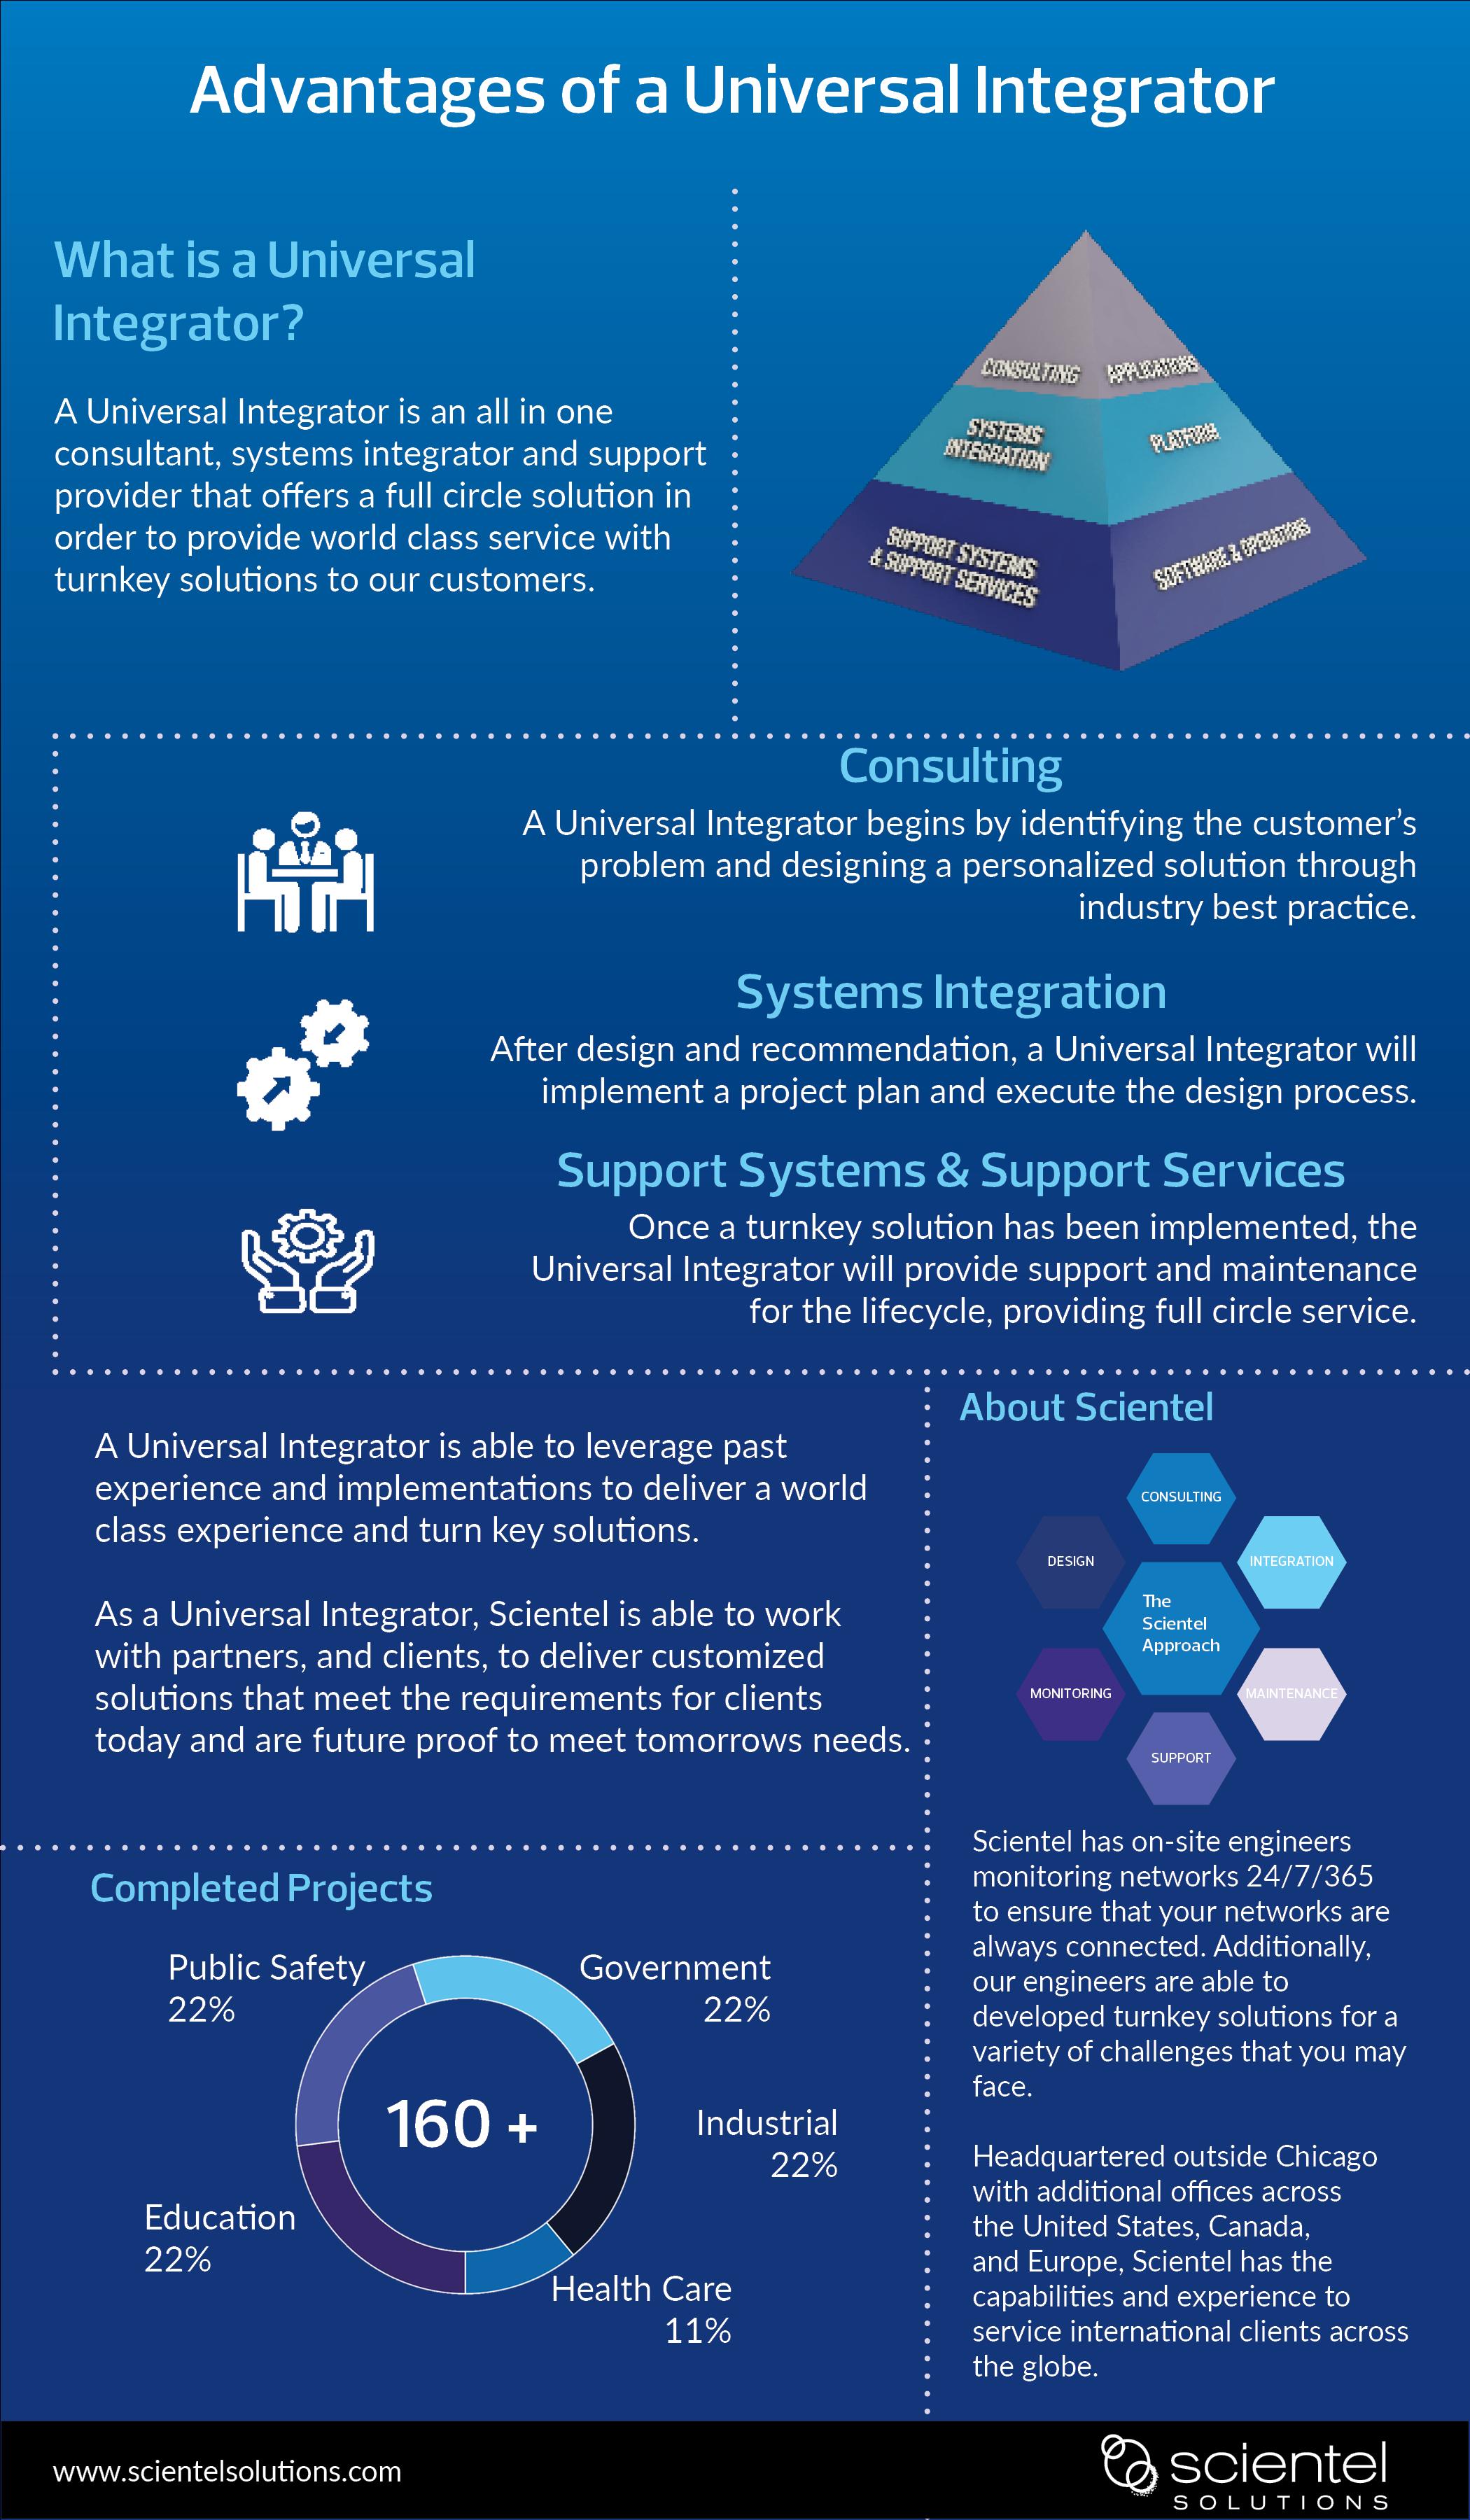 Universal Integrator - 1st Draft - Scientel Solutions